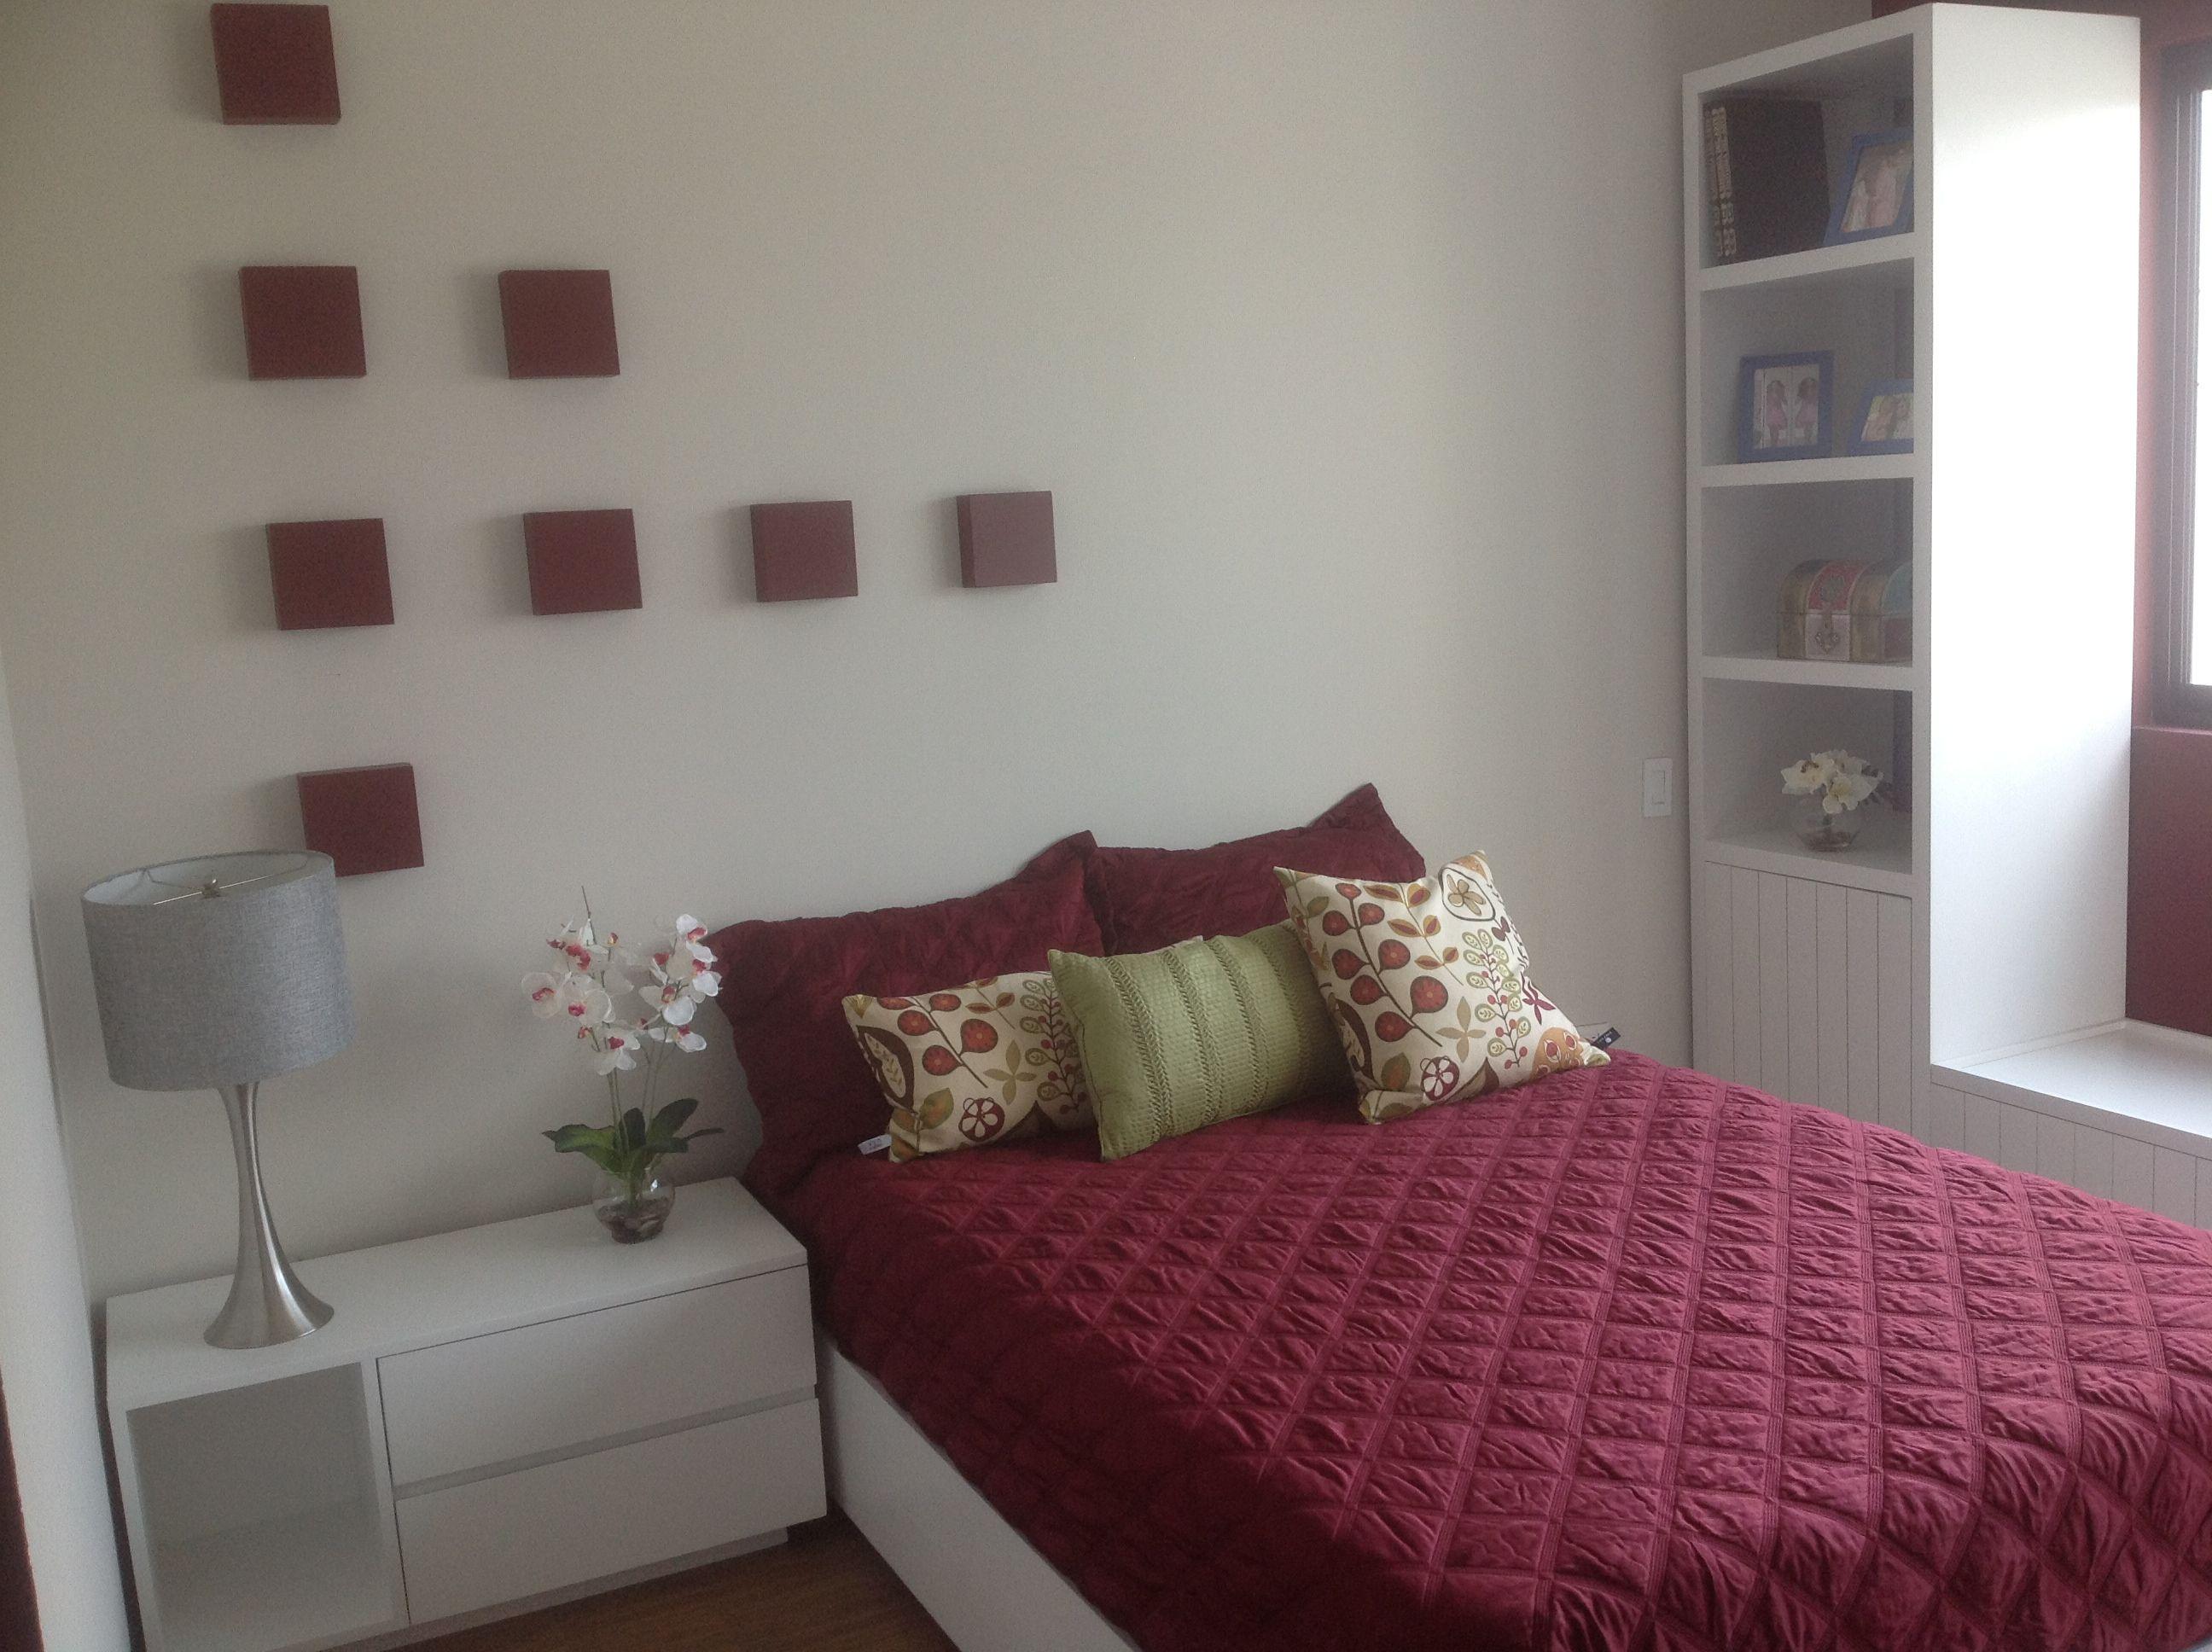 Recamara de ni as ideas de decoraci n para la casa el for Recamaras rosas